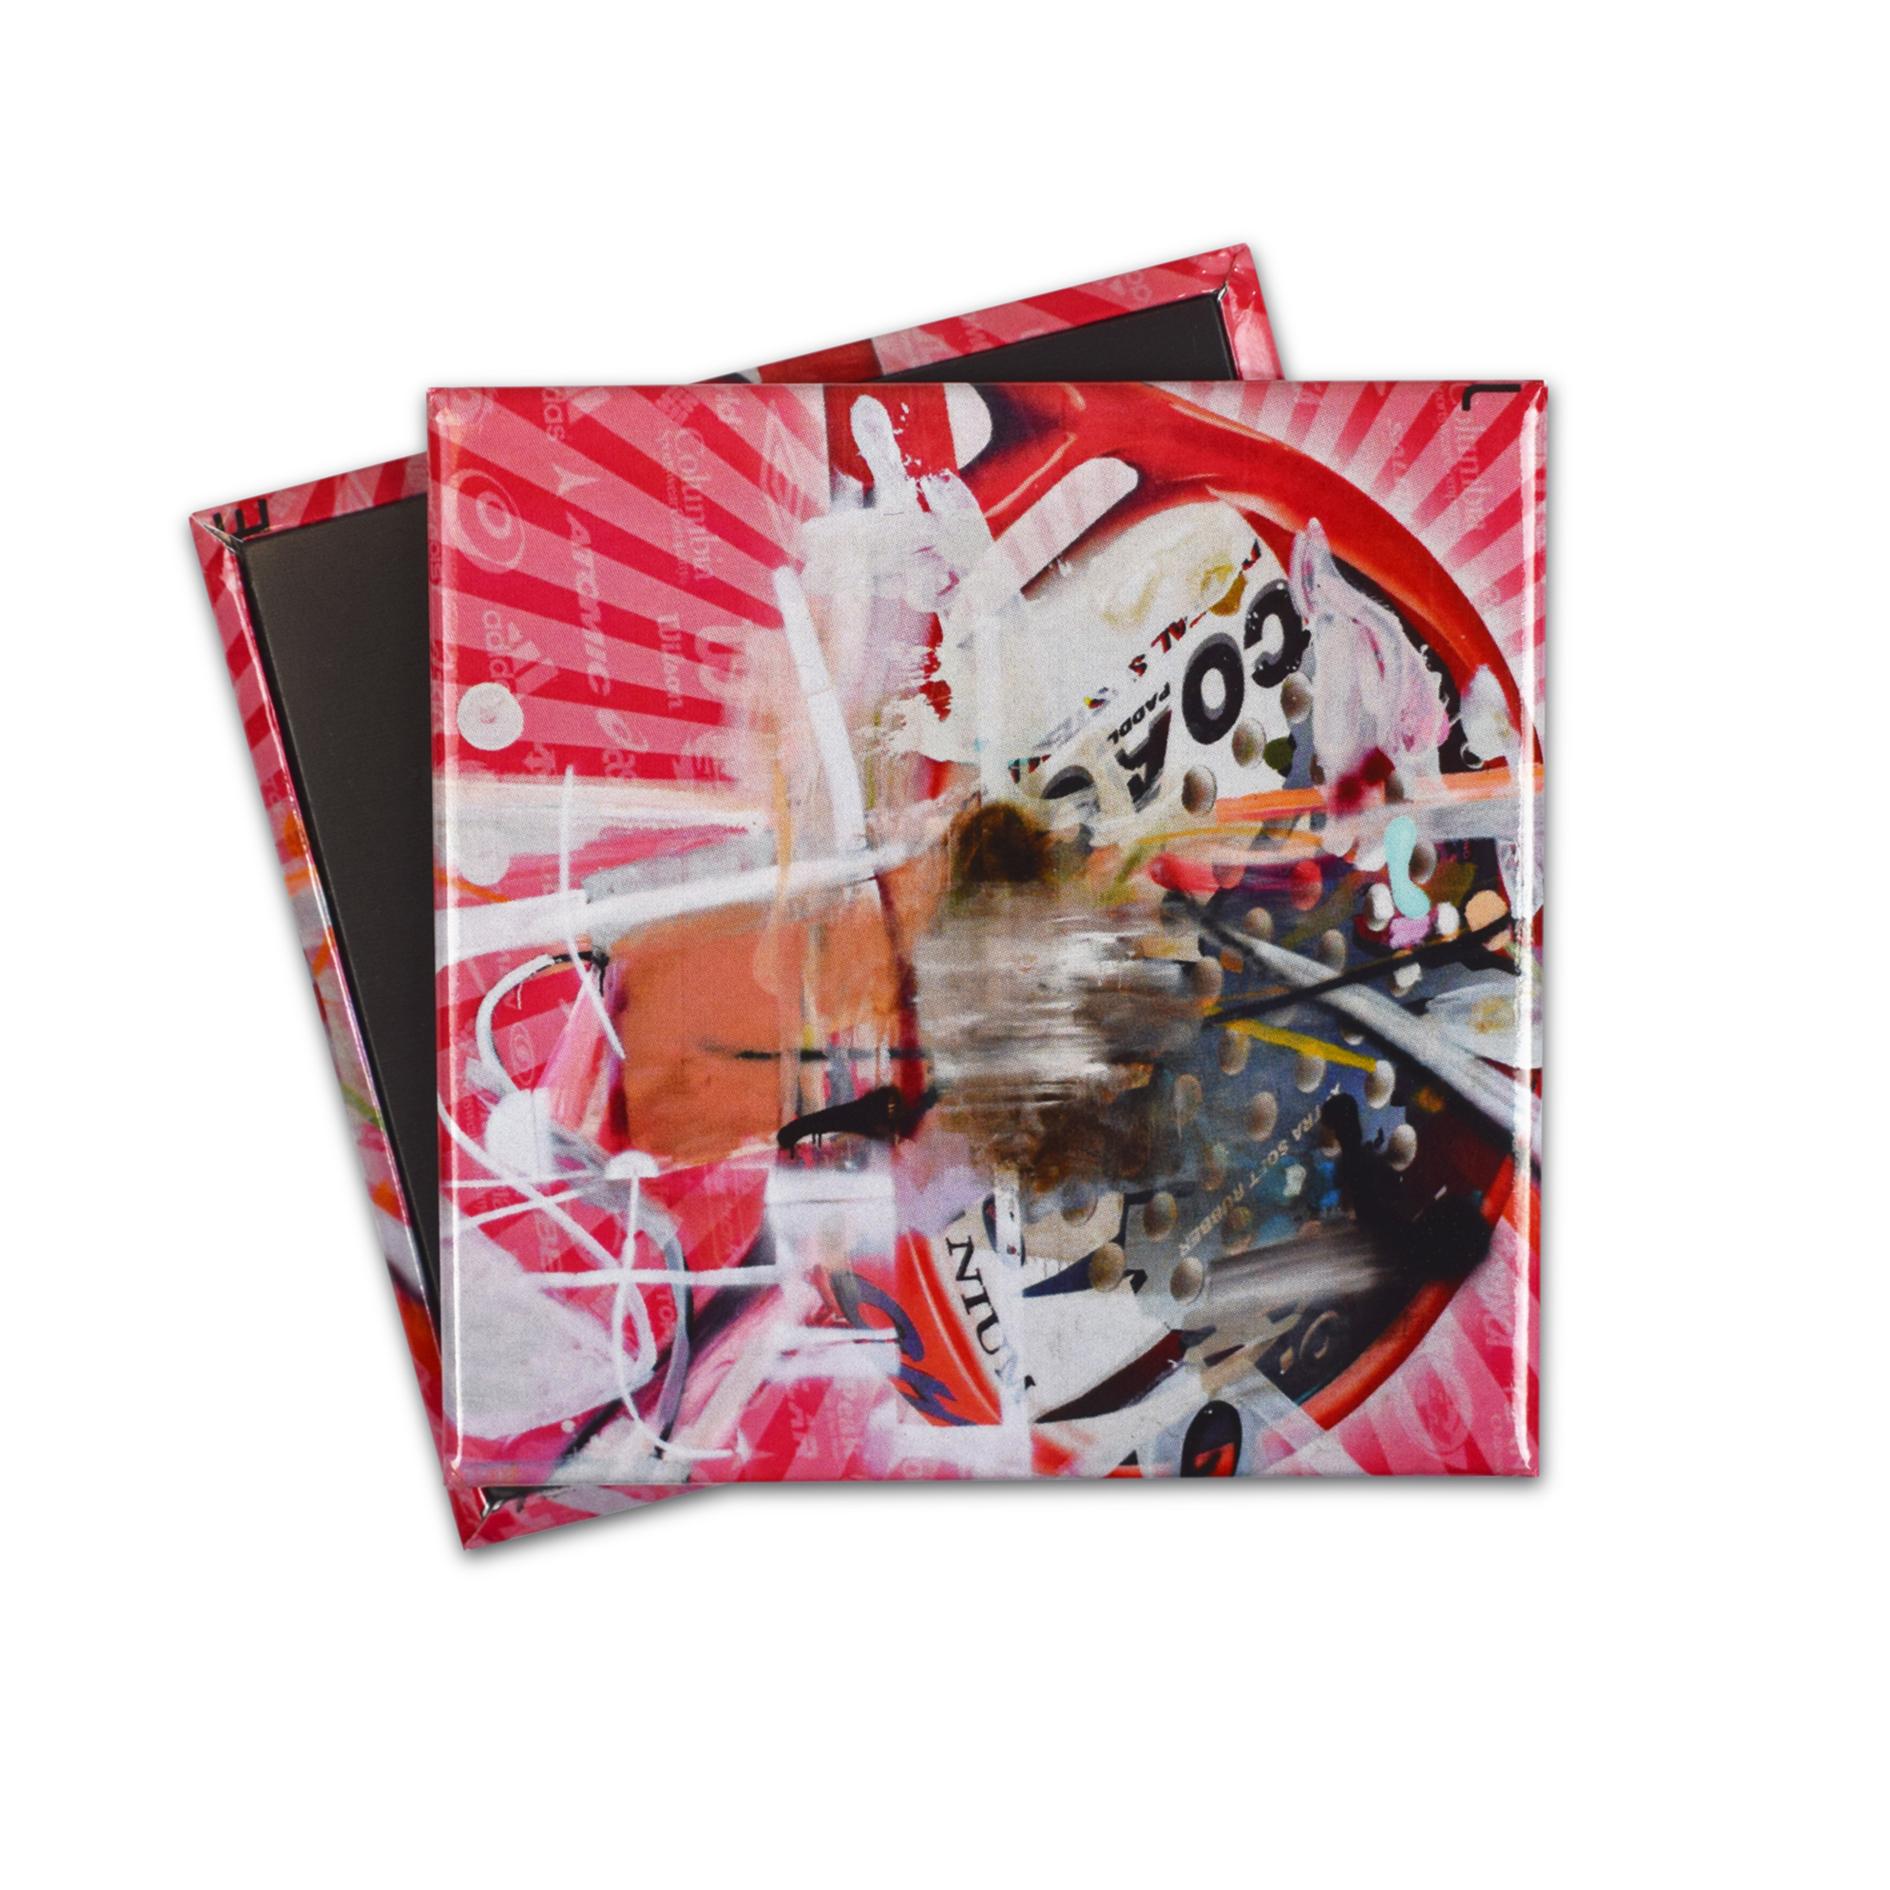 """Magnete personalizzato con opera """"Untitled"""" per l'esposizione """"Cows by the water"""" a Palazzo Grassi"""